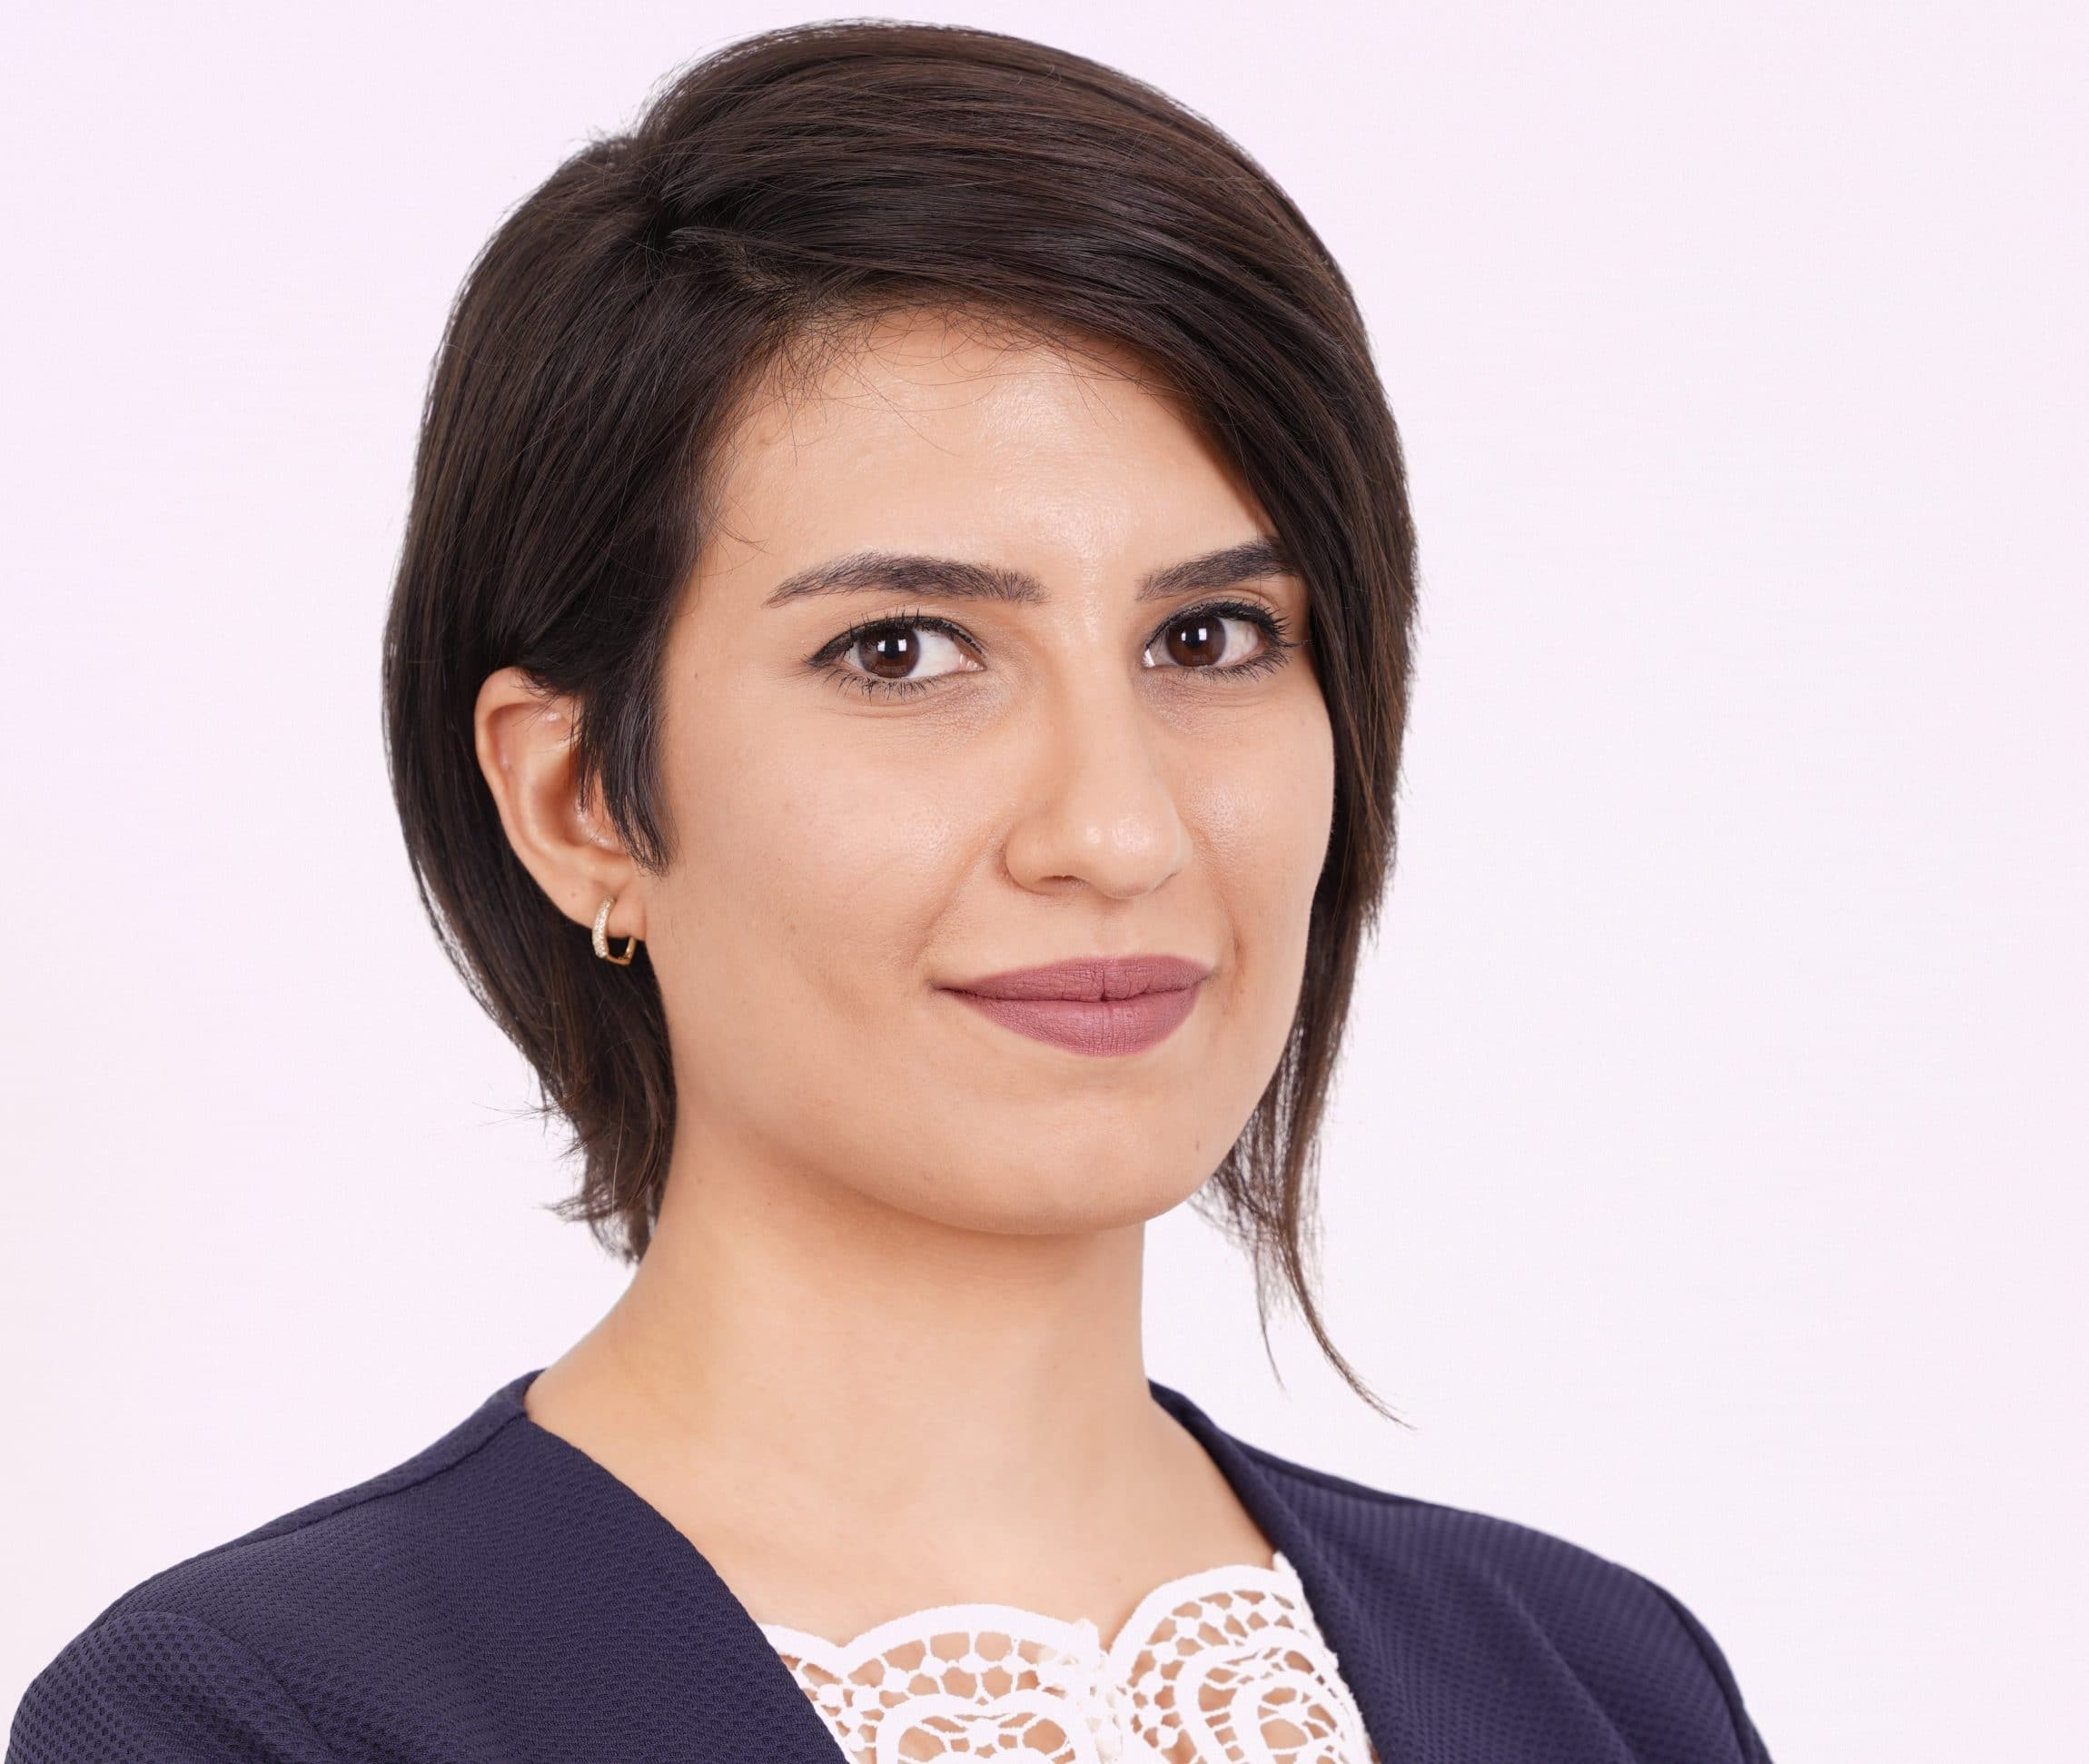 רובא סאלם ג'בור